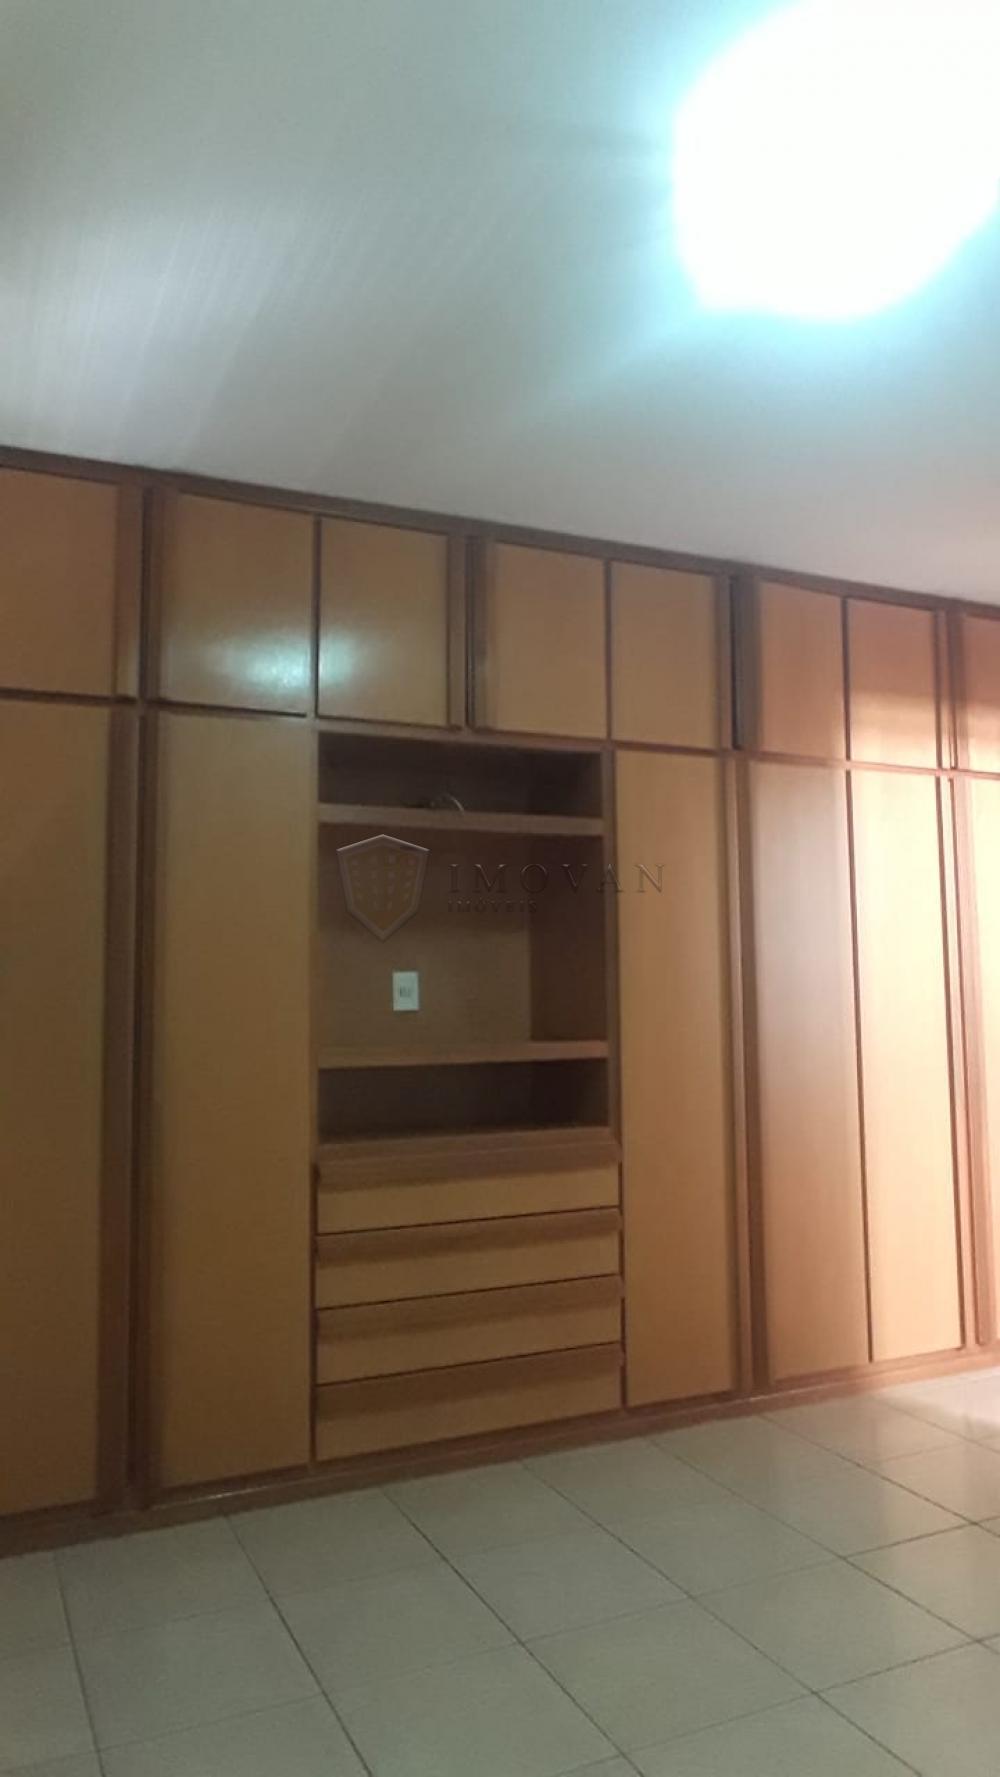 Alugar Apartamento / Padrão em Ribeirão Preto R$ 2.500,00 - Foto 10